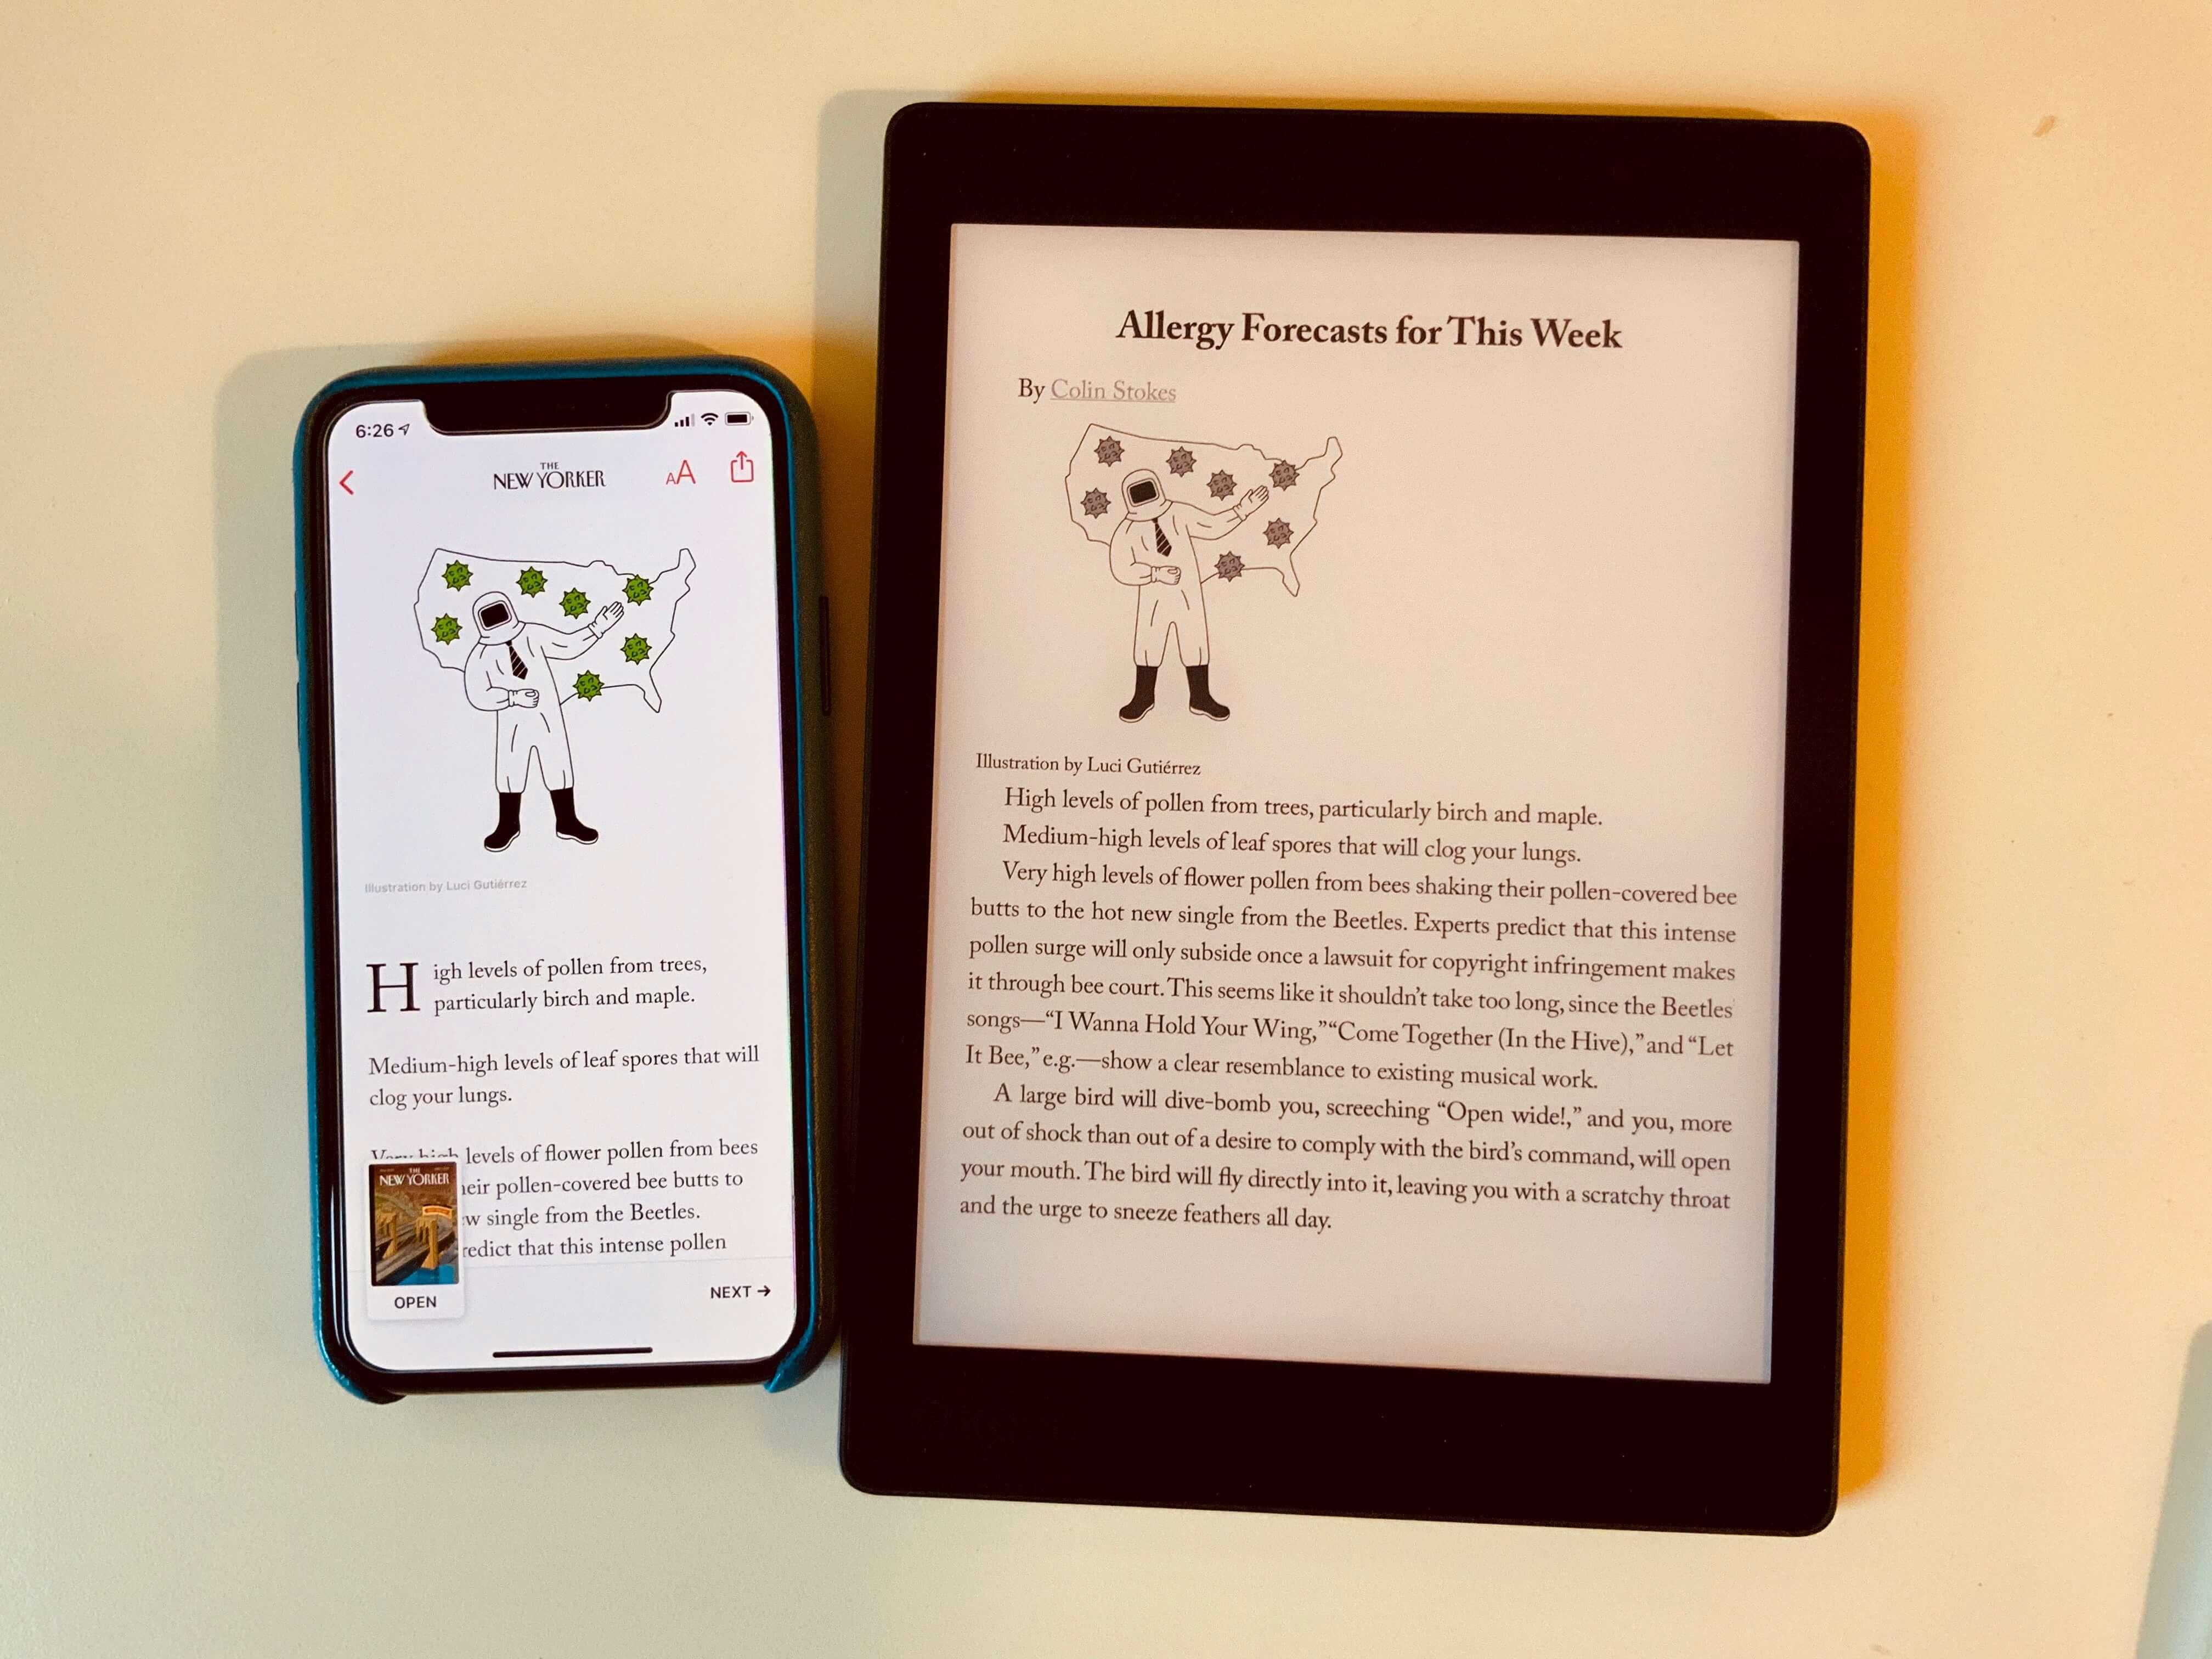 Apple News+ 的高级排版对《纽约客》这类基本都是文字的刊物效果有限